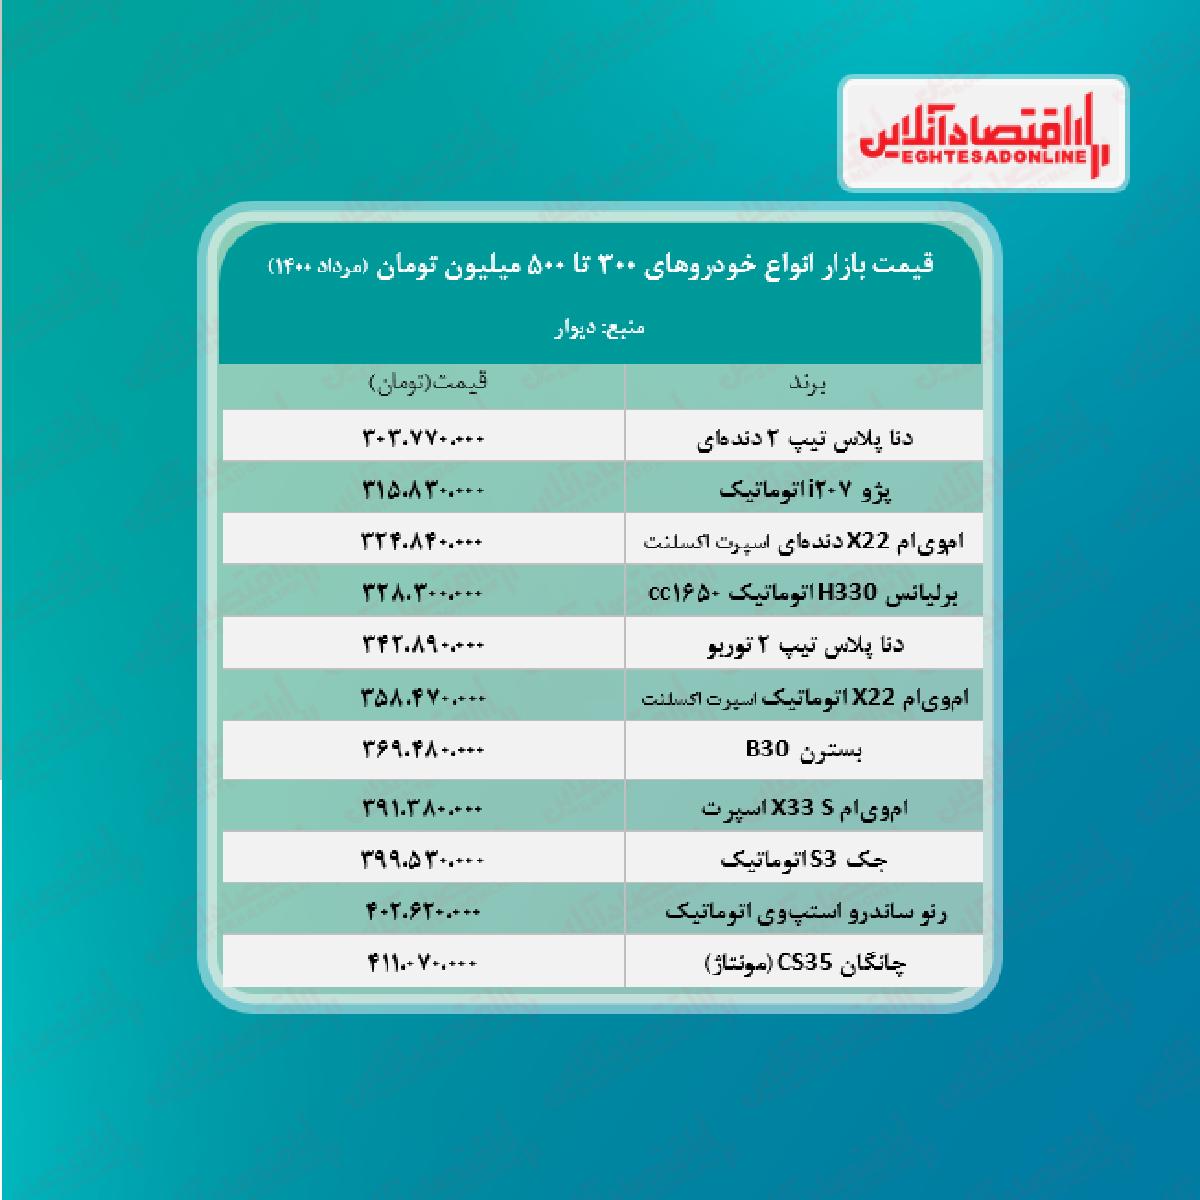 قیمت خودروهای ۳۰۰ تا ۵۰۰ میلیونی بازار تهران